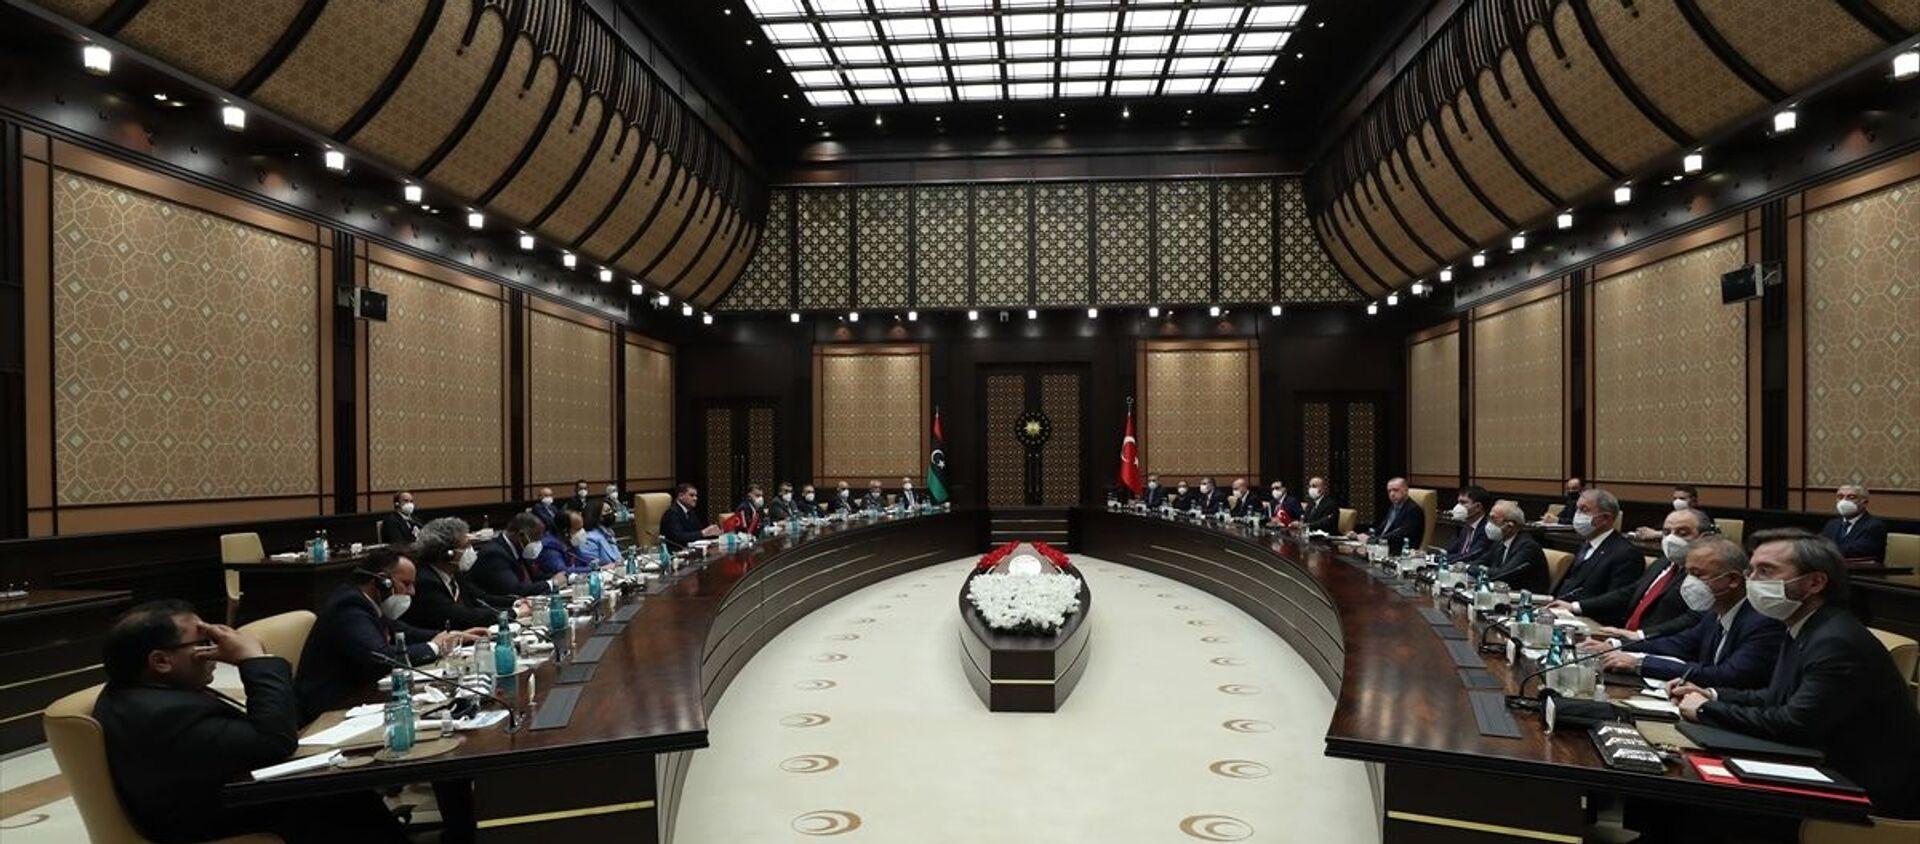 Cumhurbaşkanı Recep Tayyip Erdoğan, Libya Milli Birlik Hükümeti Başbakanı Abdülhamid Dibeybe ile Türkiye-Libya Yüksek Düzeyli Stratejik İşbirliği Konseyi oturumuna katıldı. - Sputnik Türkiye, 1920, 12.04.2021